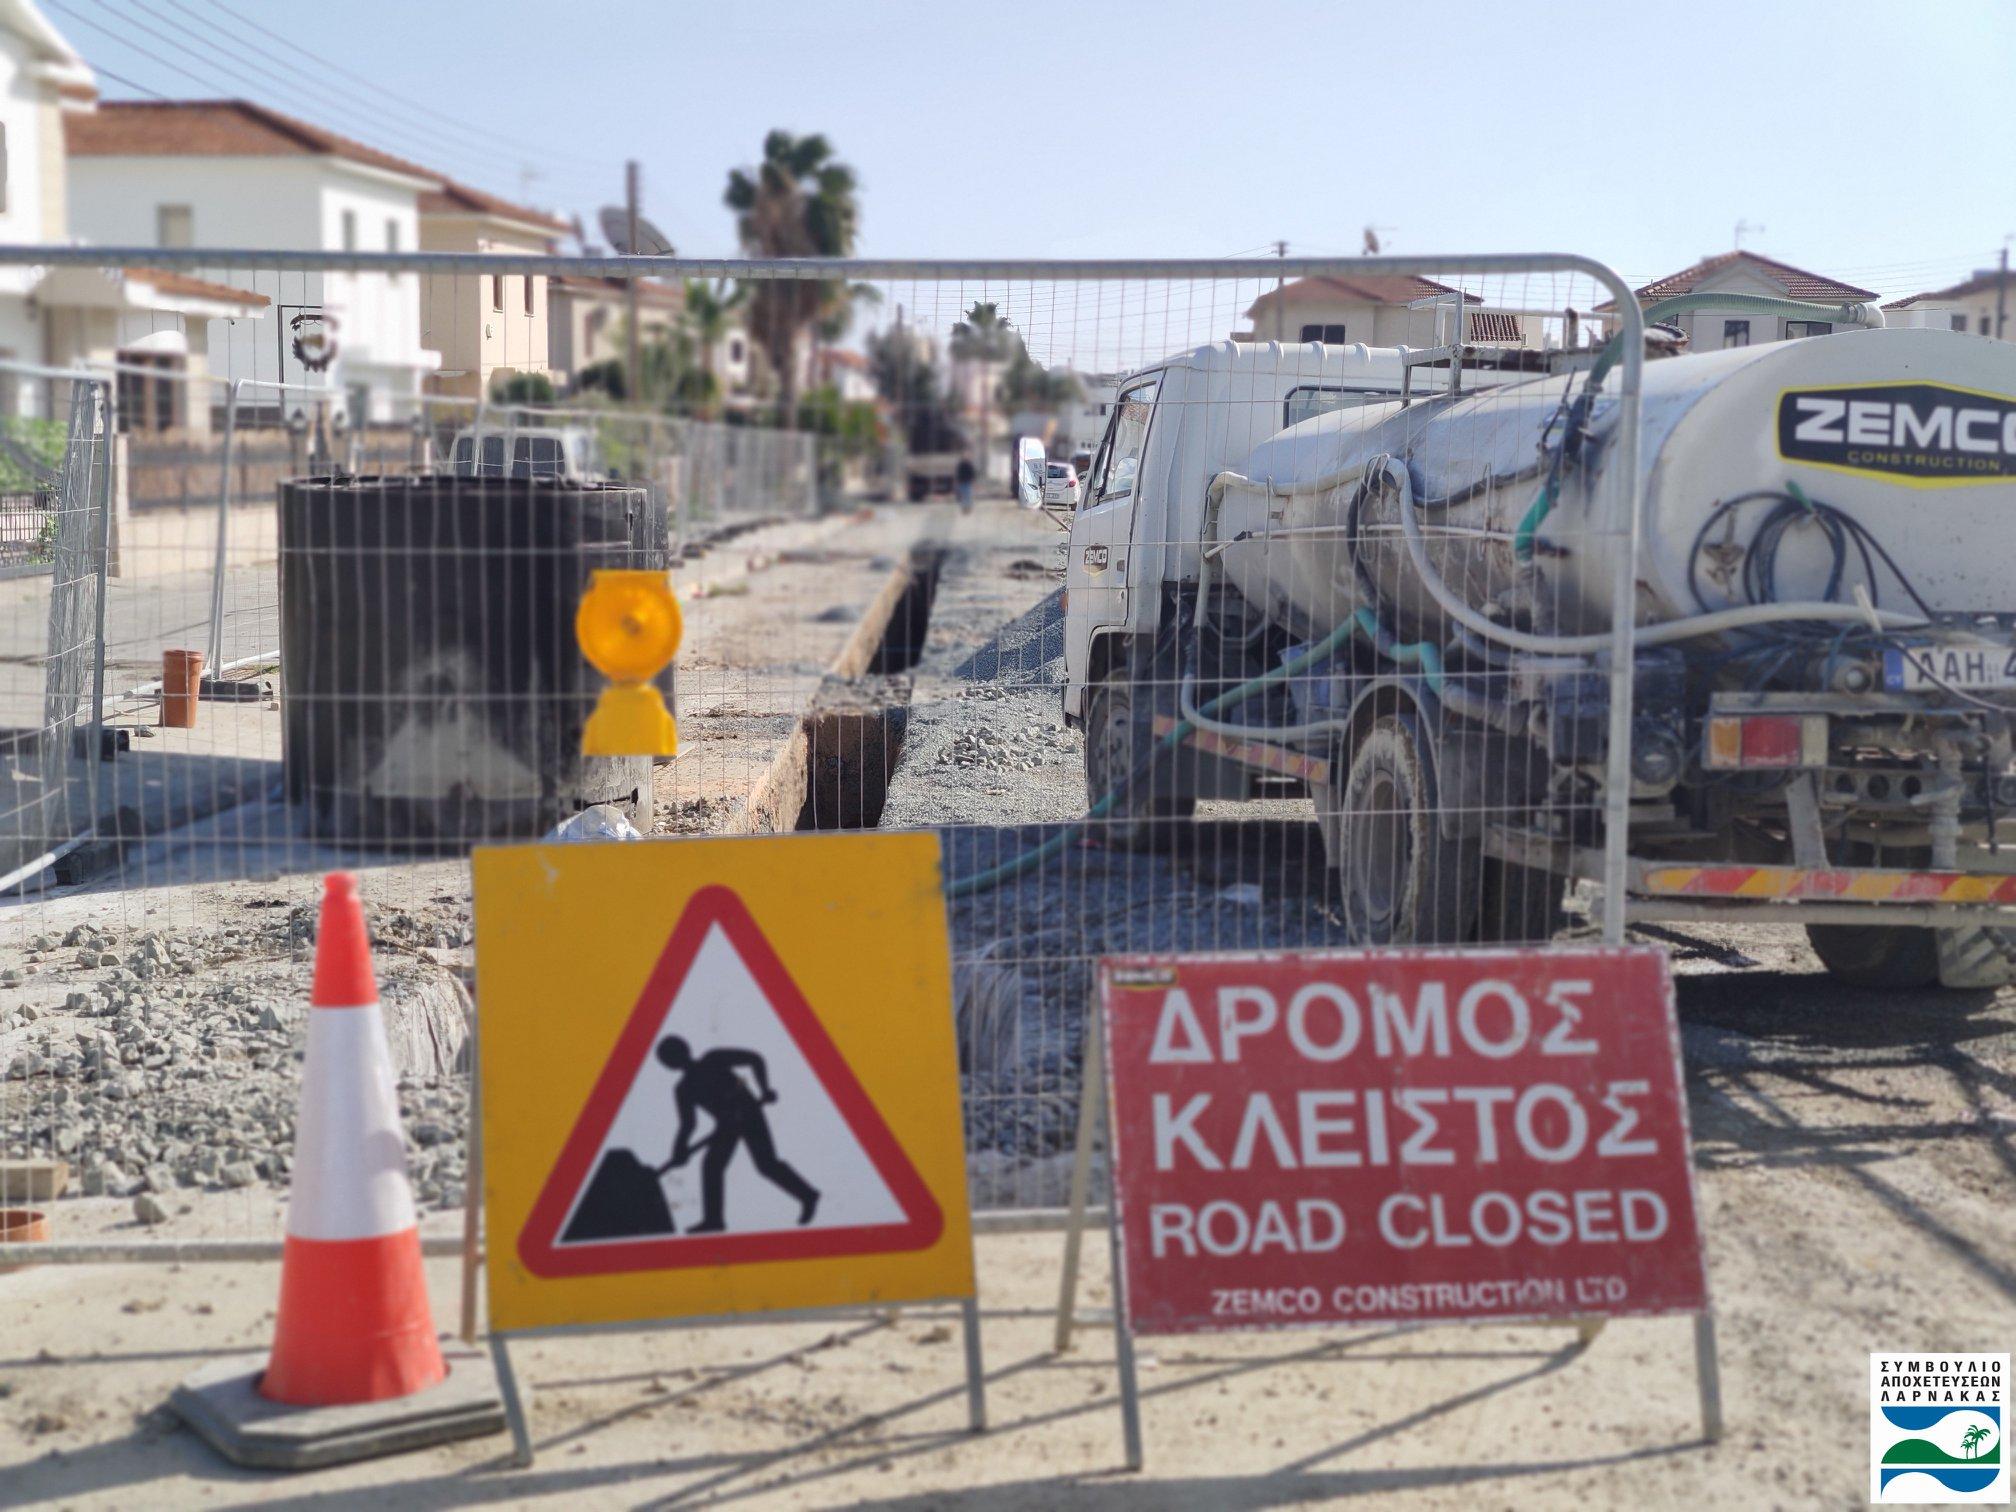 Σε ποιους δρόμους θα εκτελούνται εργασίες στη Λάρνακα